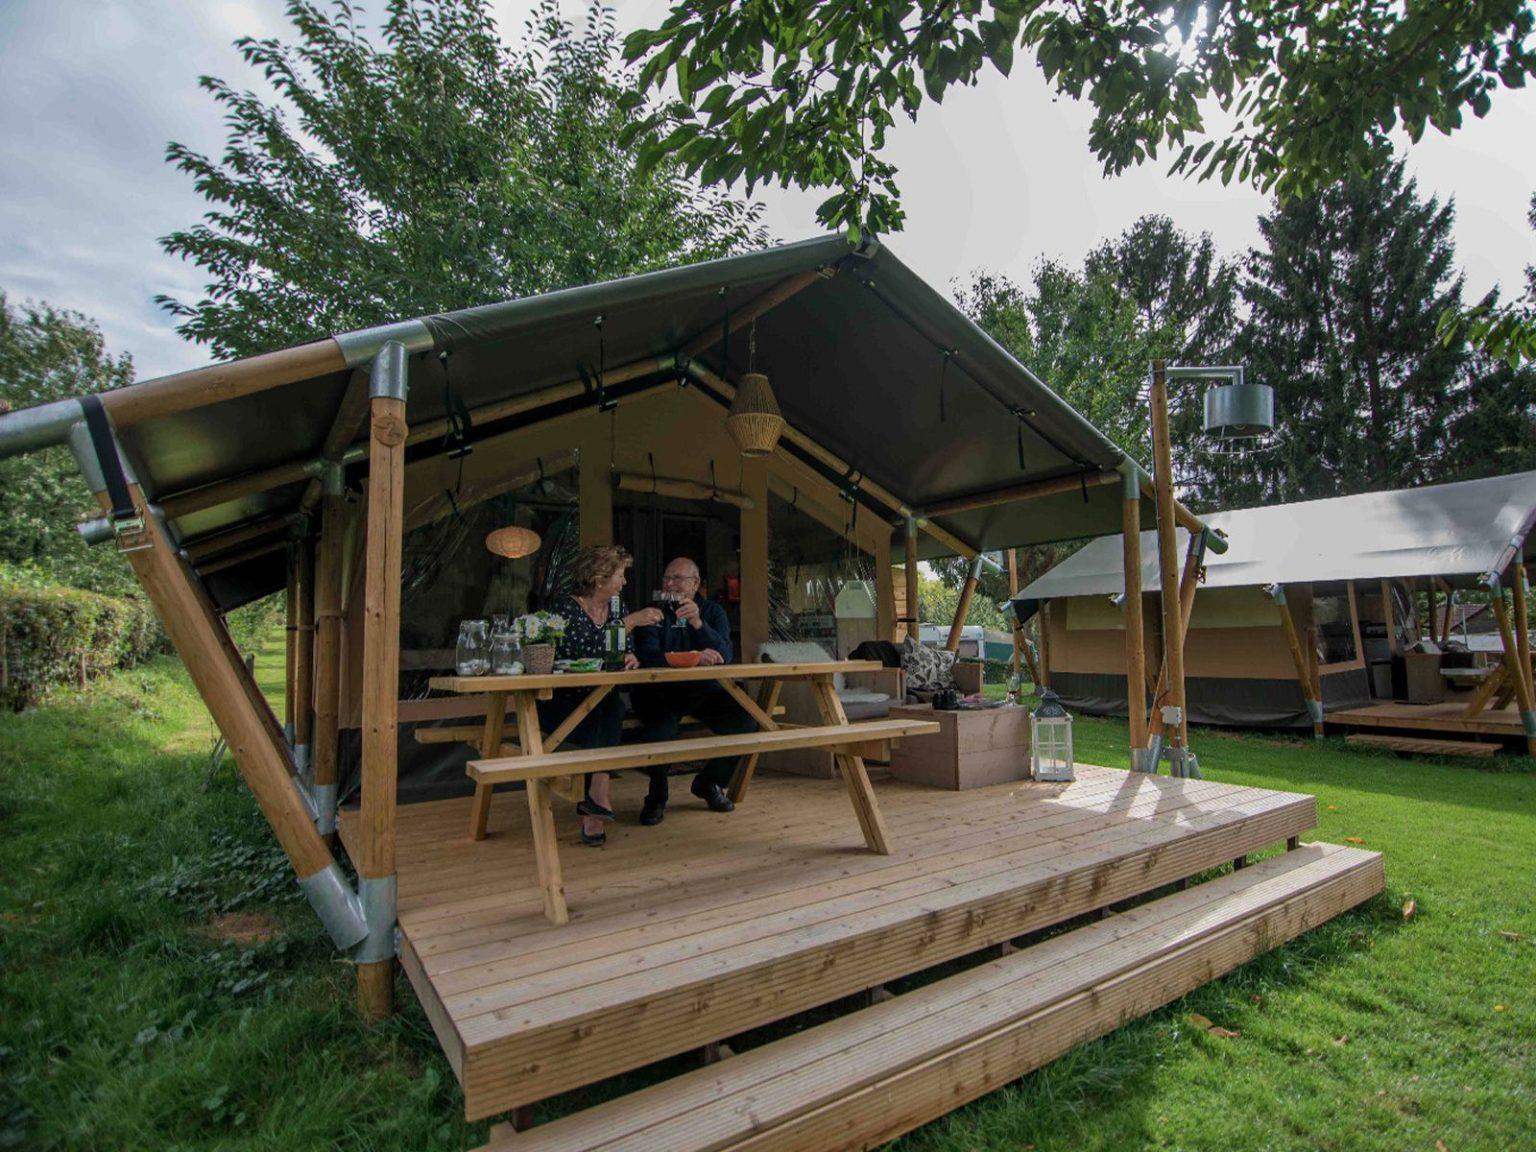 bij-groen-geluk-campingplaats-campingtent-02_result